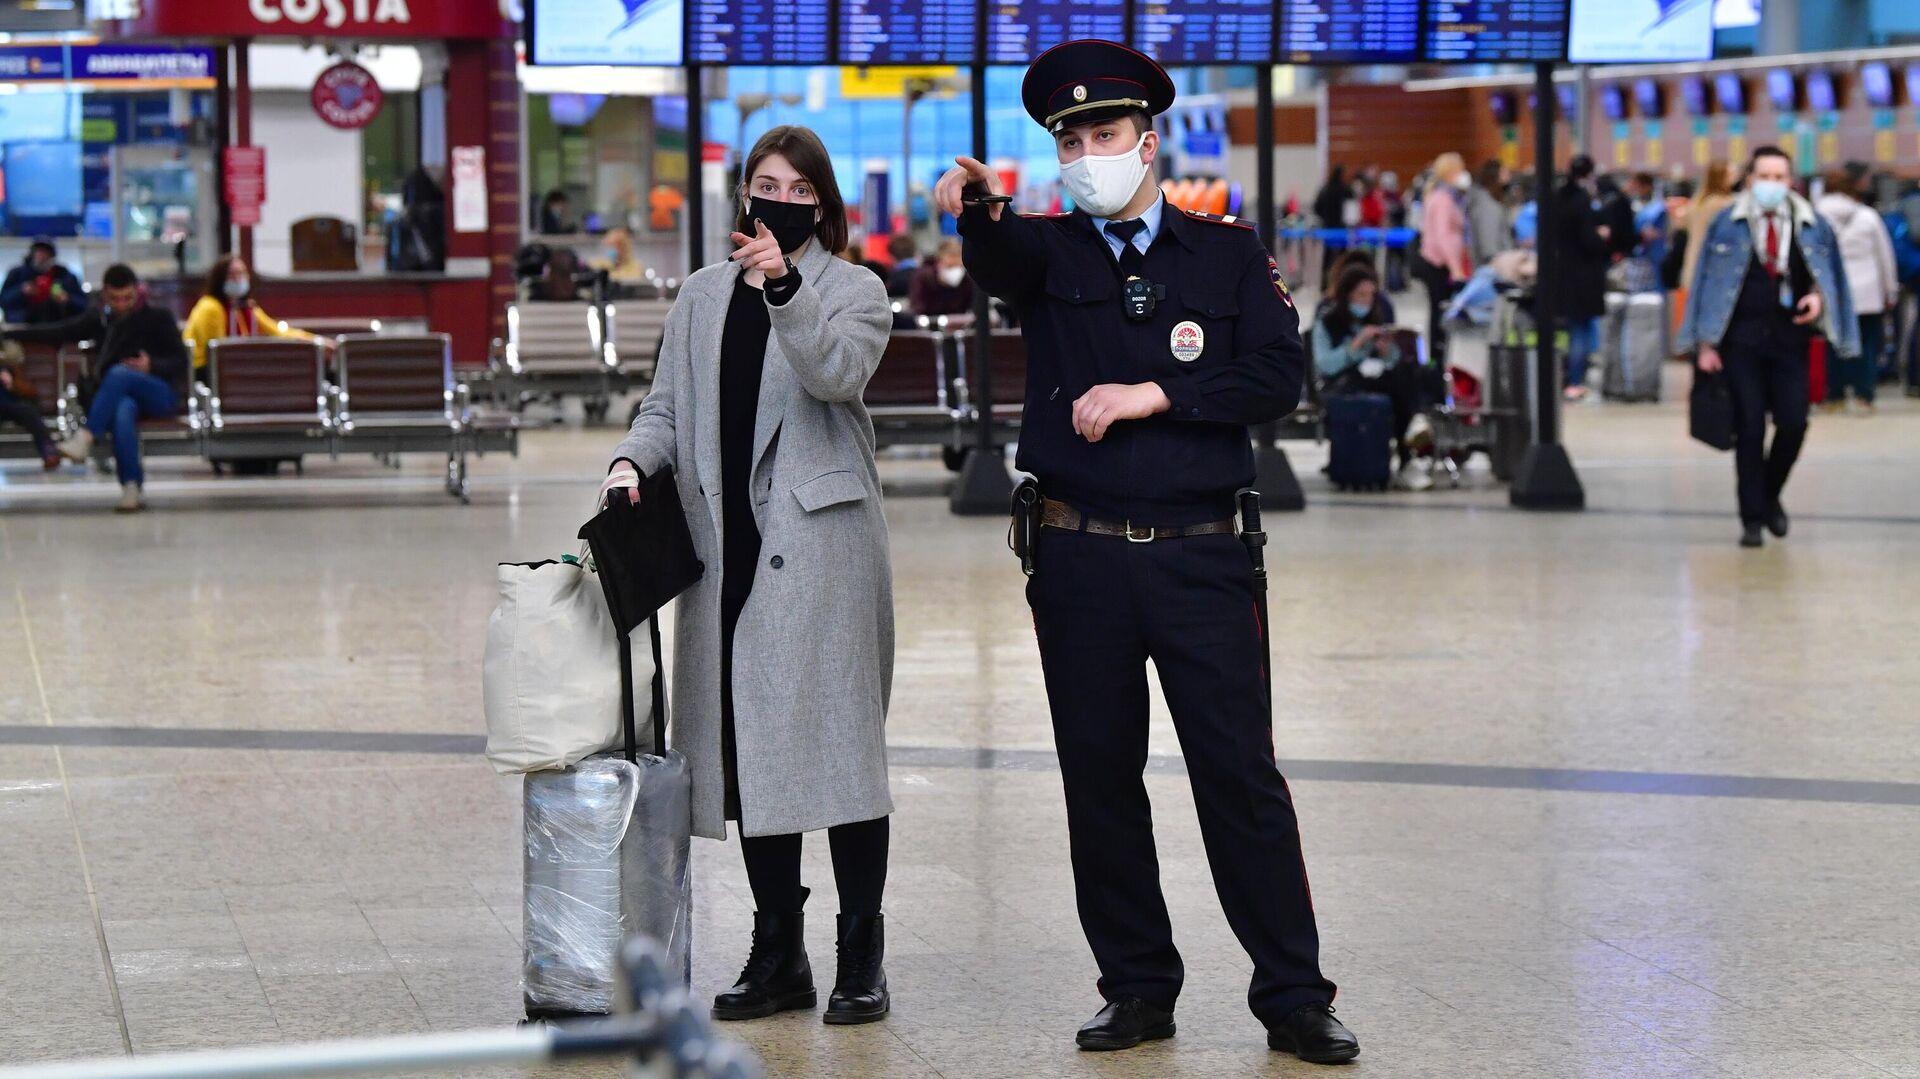 Пассажирка и сотрудник полиции в терминале D аэропорта Шереметьево - РИА Новости, 1920, 21.04.2021